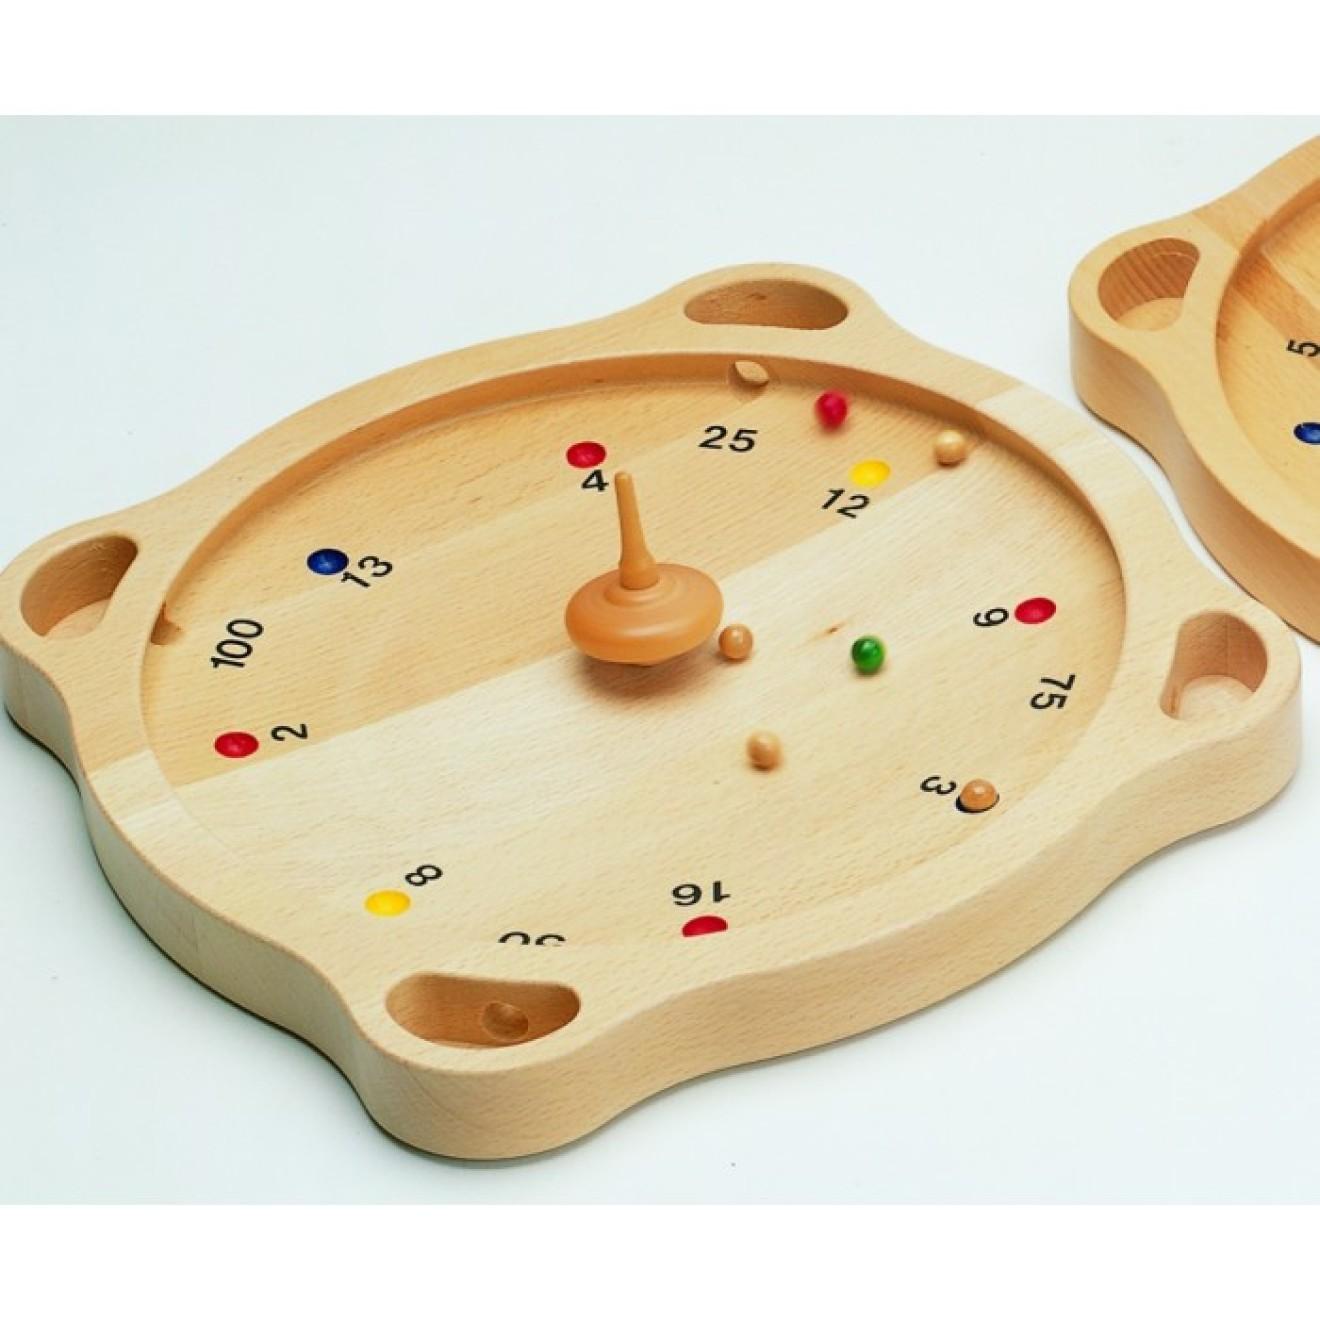 Tiroler roulette regole statistics on gambling in uk